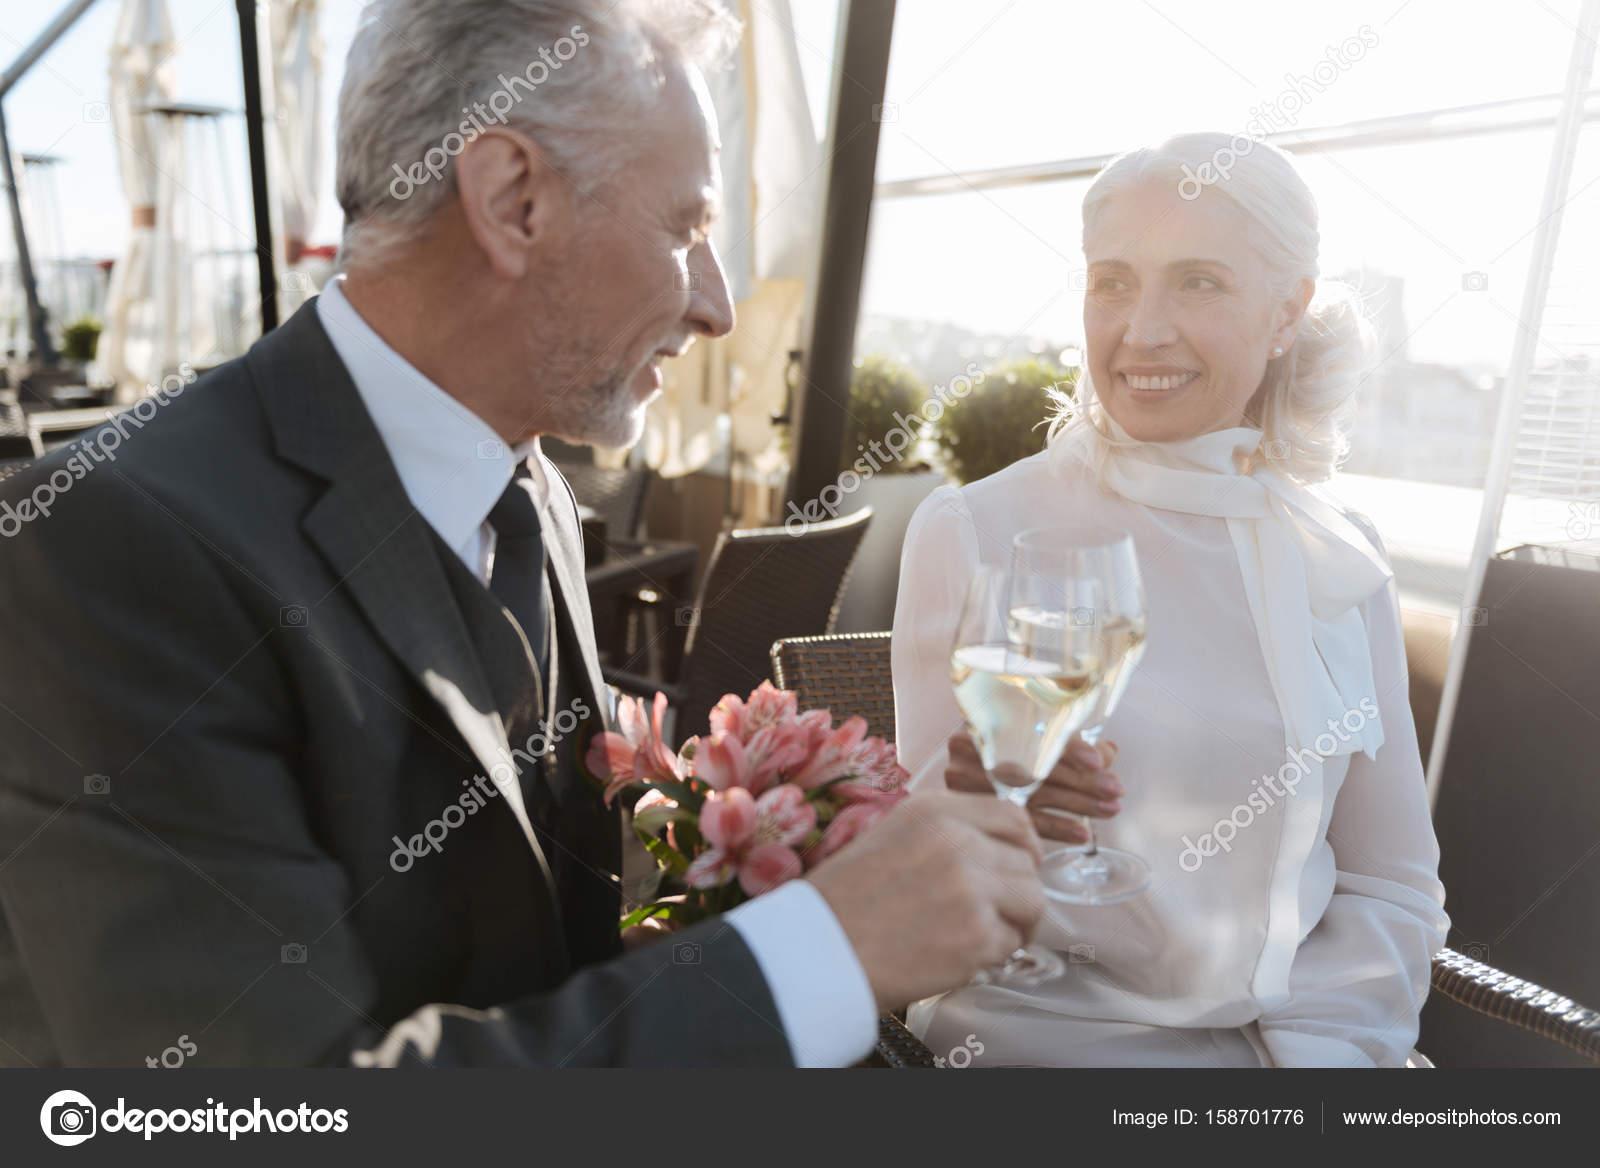 γυναικεία προφίλ ραντεβού site φανταστική τετράδα προξενιό κουίζ